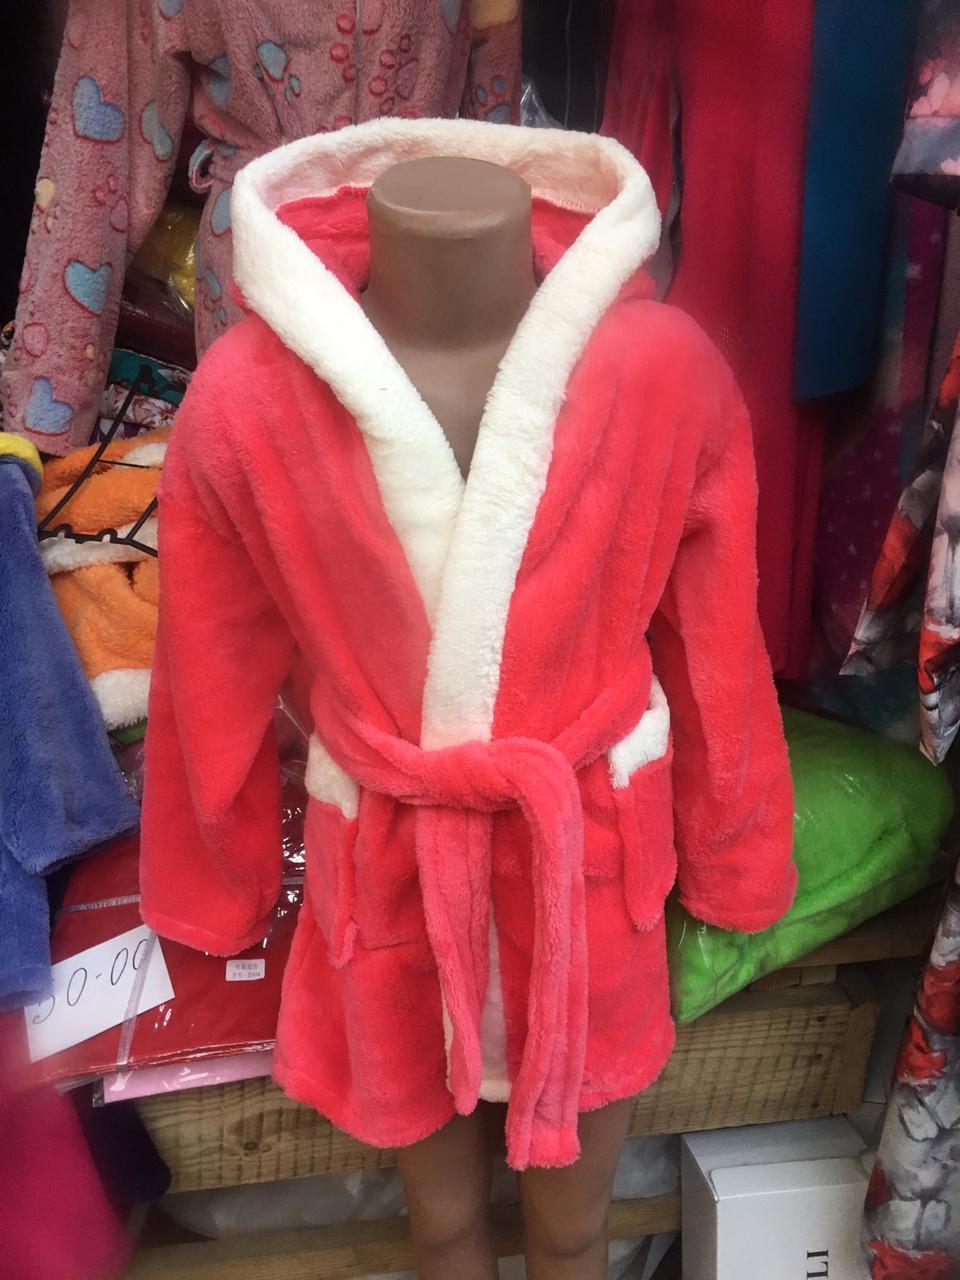 Махровый халат для девочки   5 лет